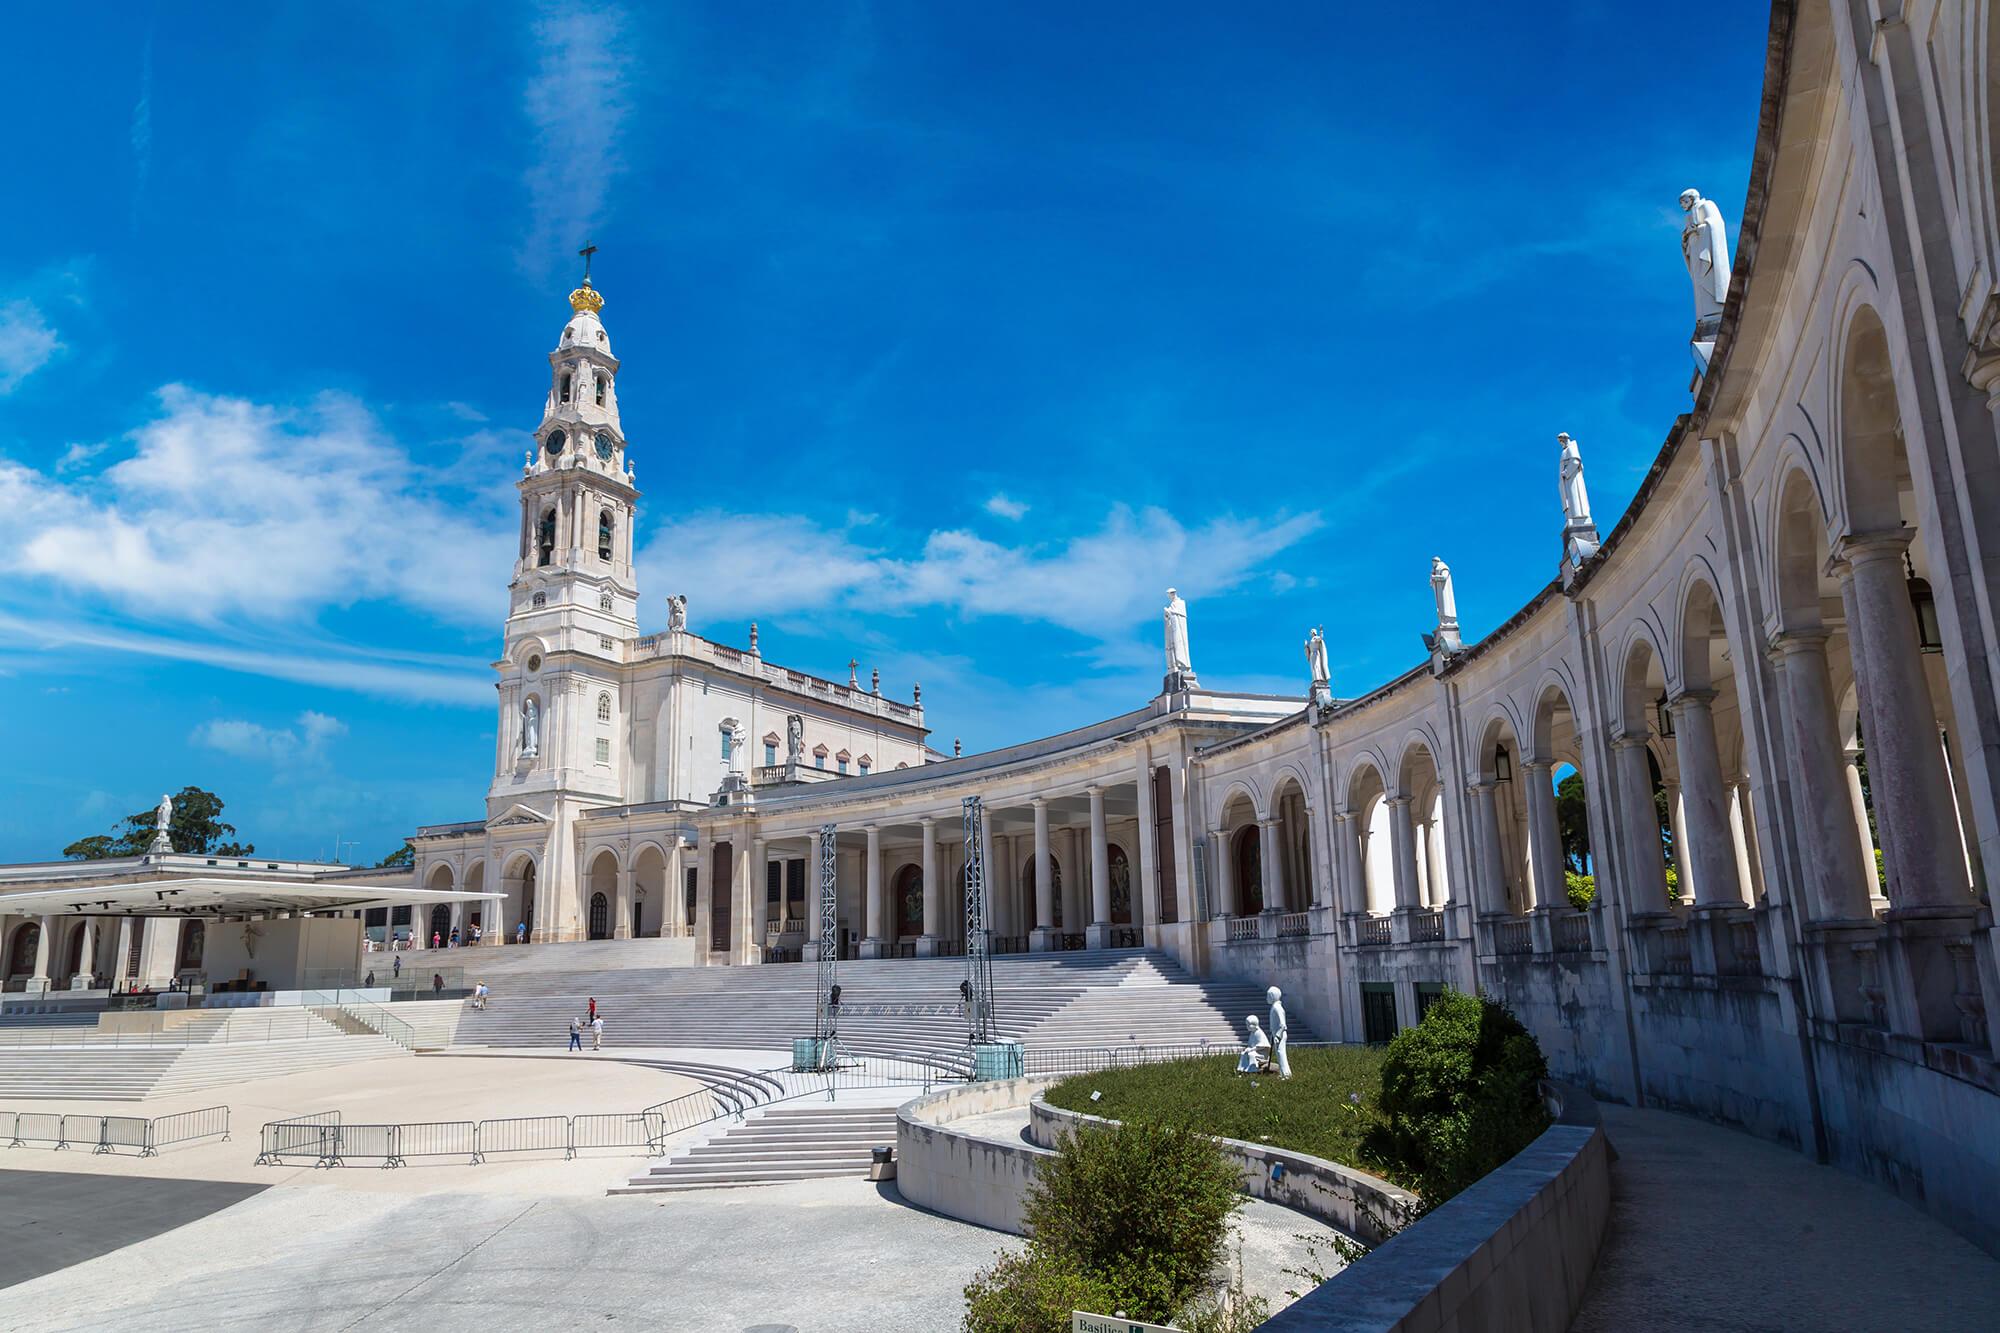 Basílica Nª Sr.ª do Rosário de Fátima | VISITFATIMA